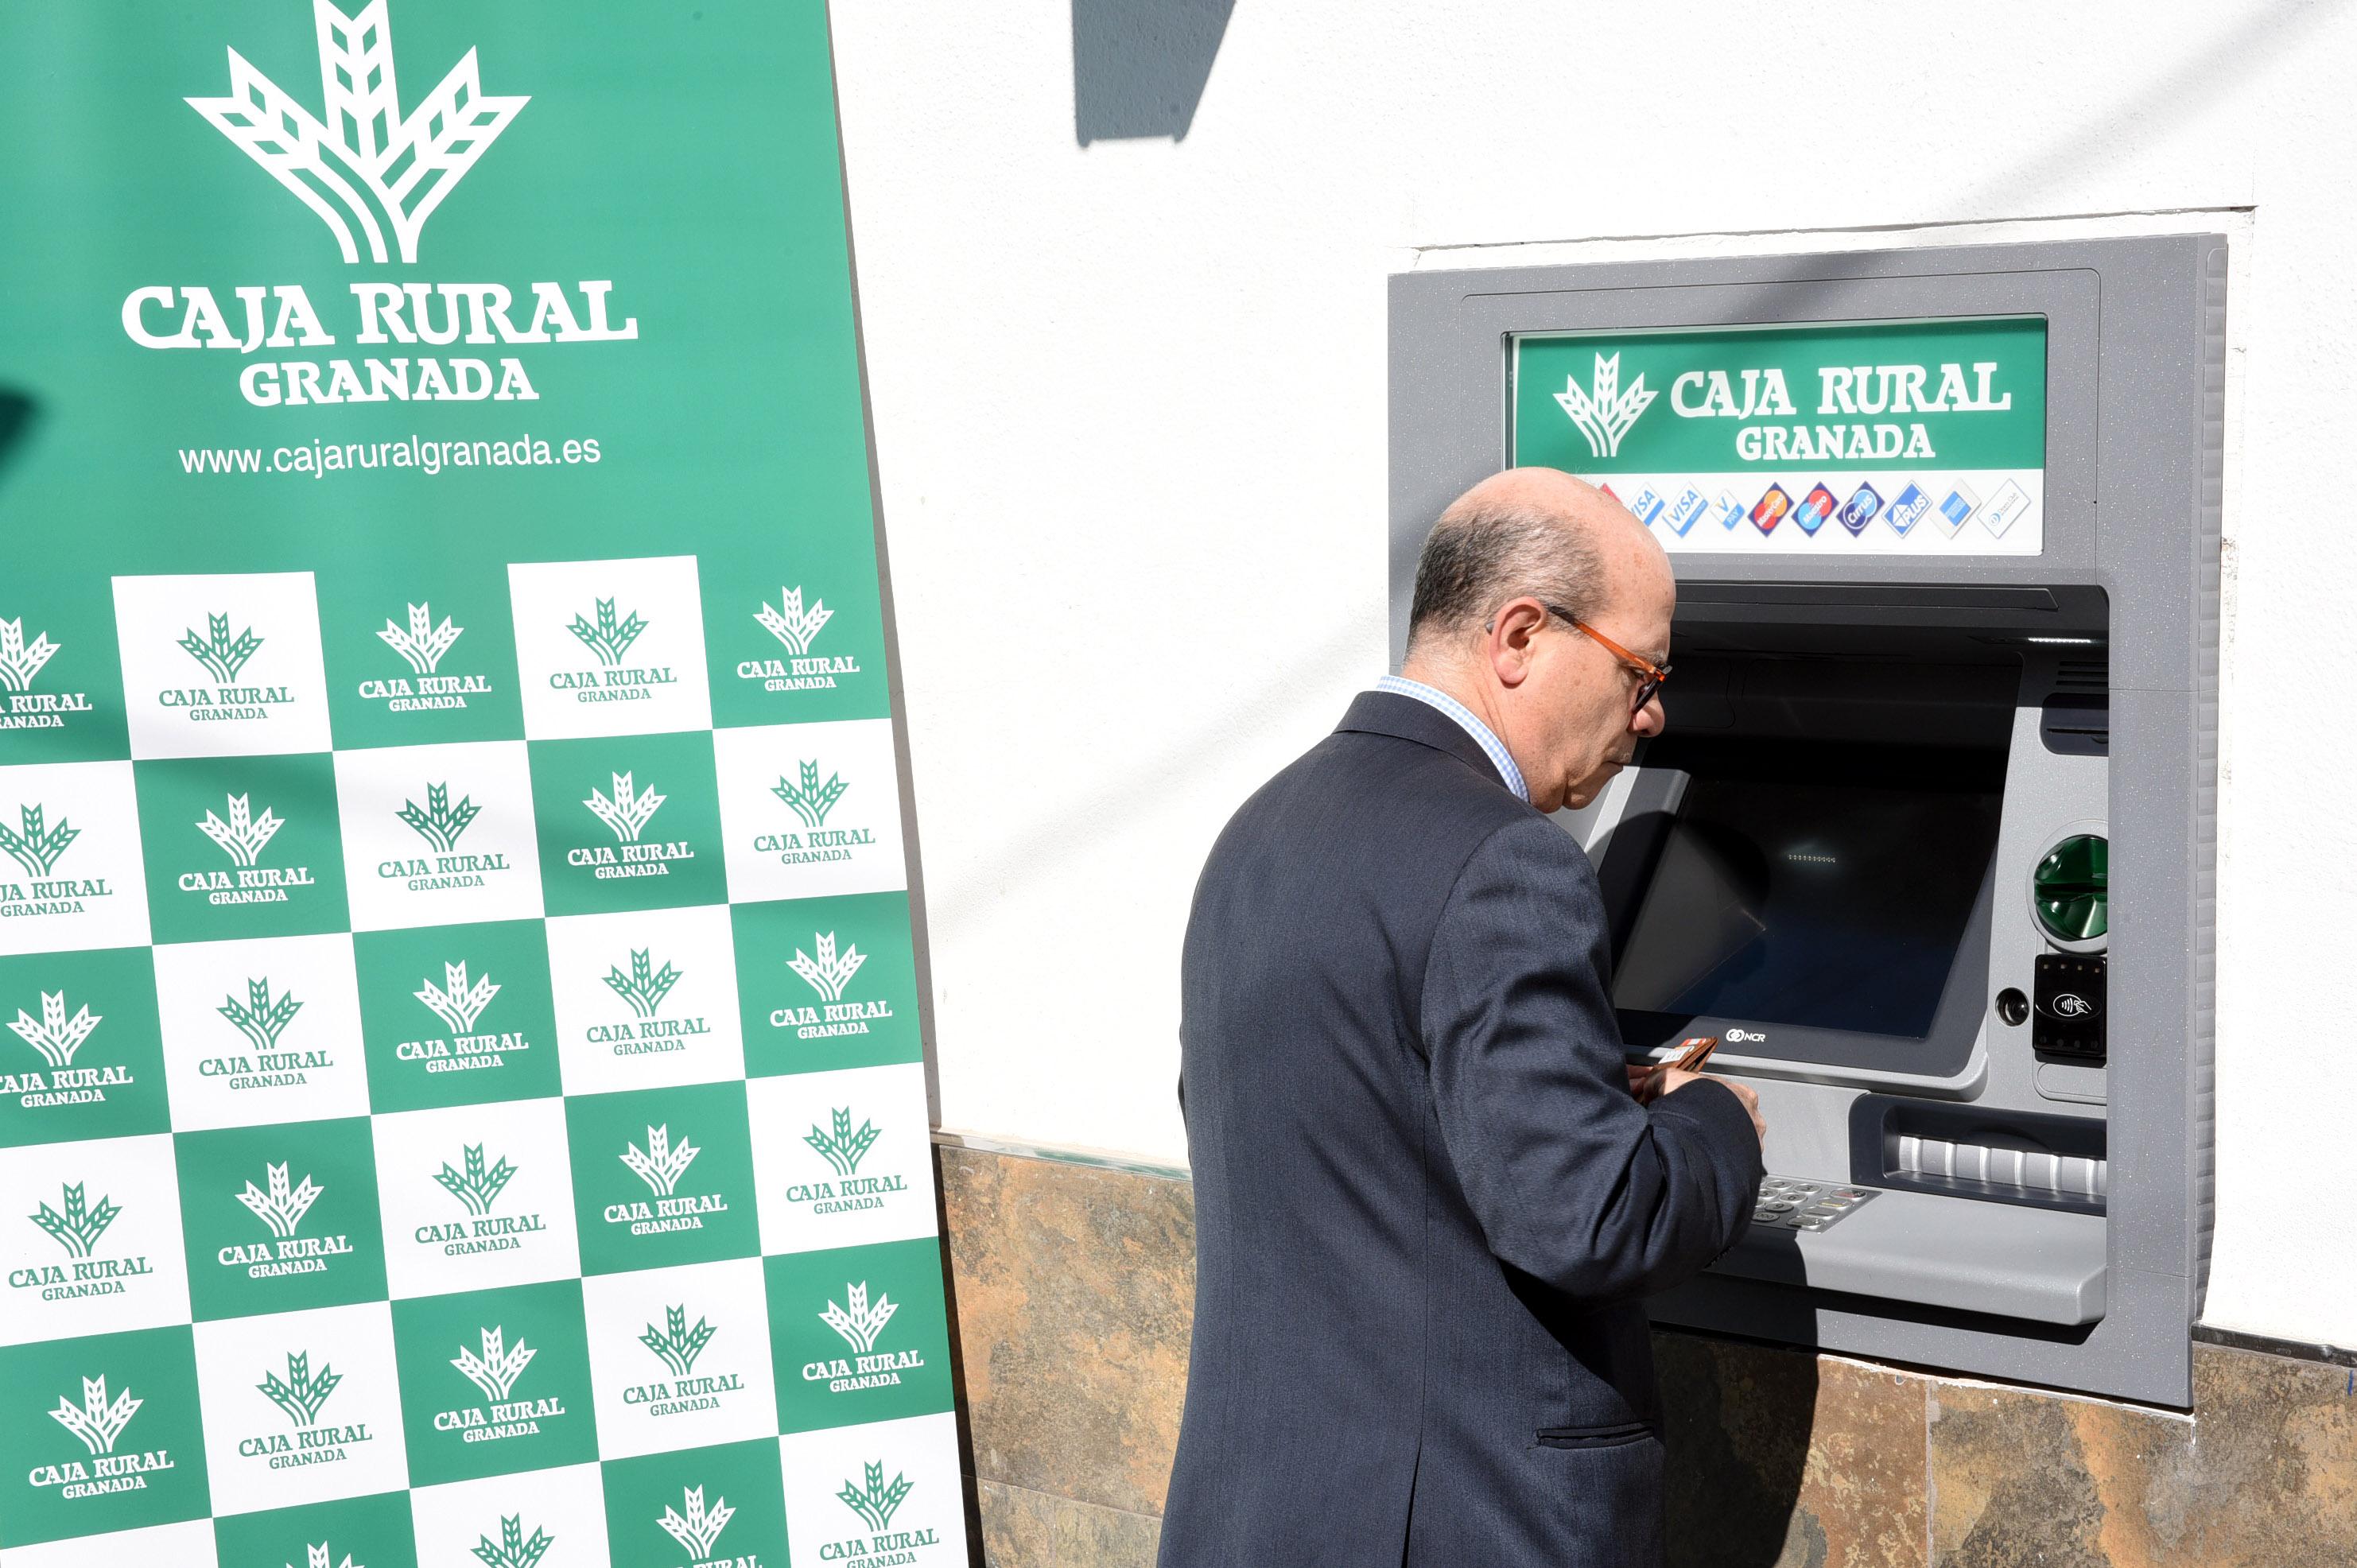 Diputación y Caja Rural han instalado ya cajeros en 9 municipios que no disponían de servicios bancarios